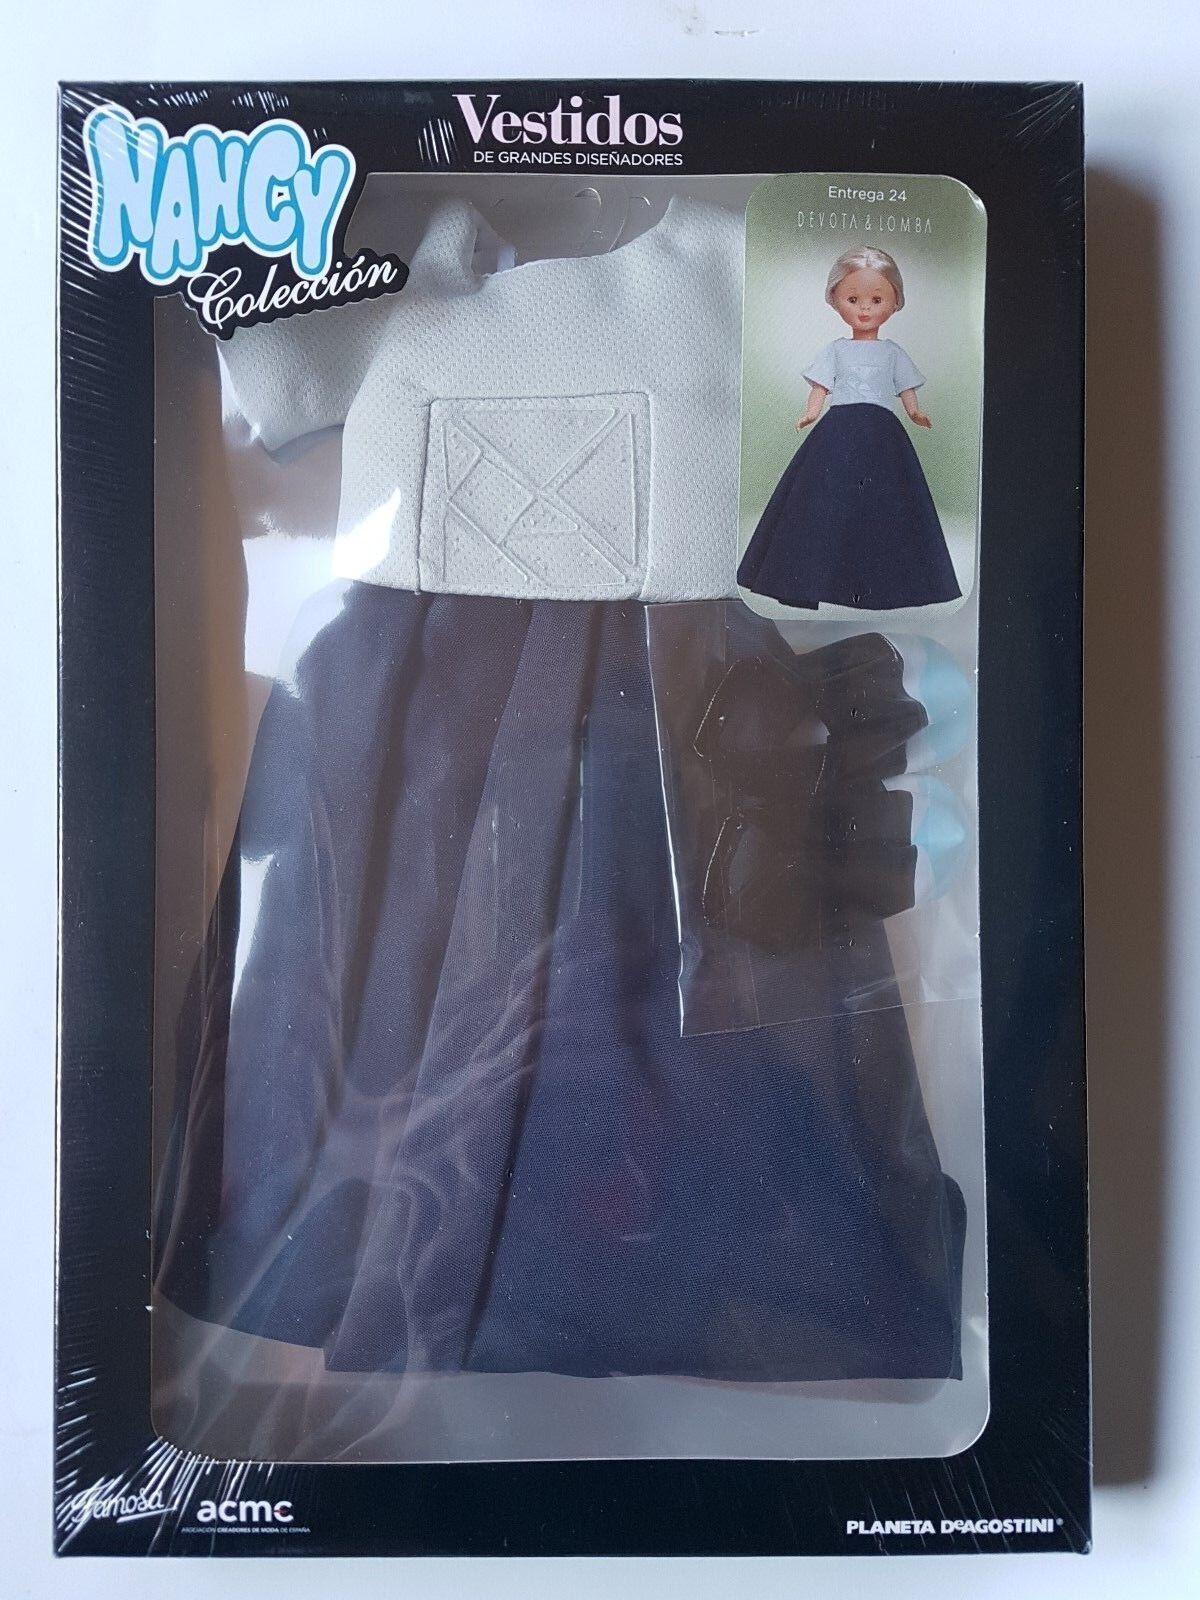 Muñeca Nancy Coleccion Coleccion Coleccion Vestidos Grandes Diseñadores Vestido Nº 24 Devota & Lomba f8df83